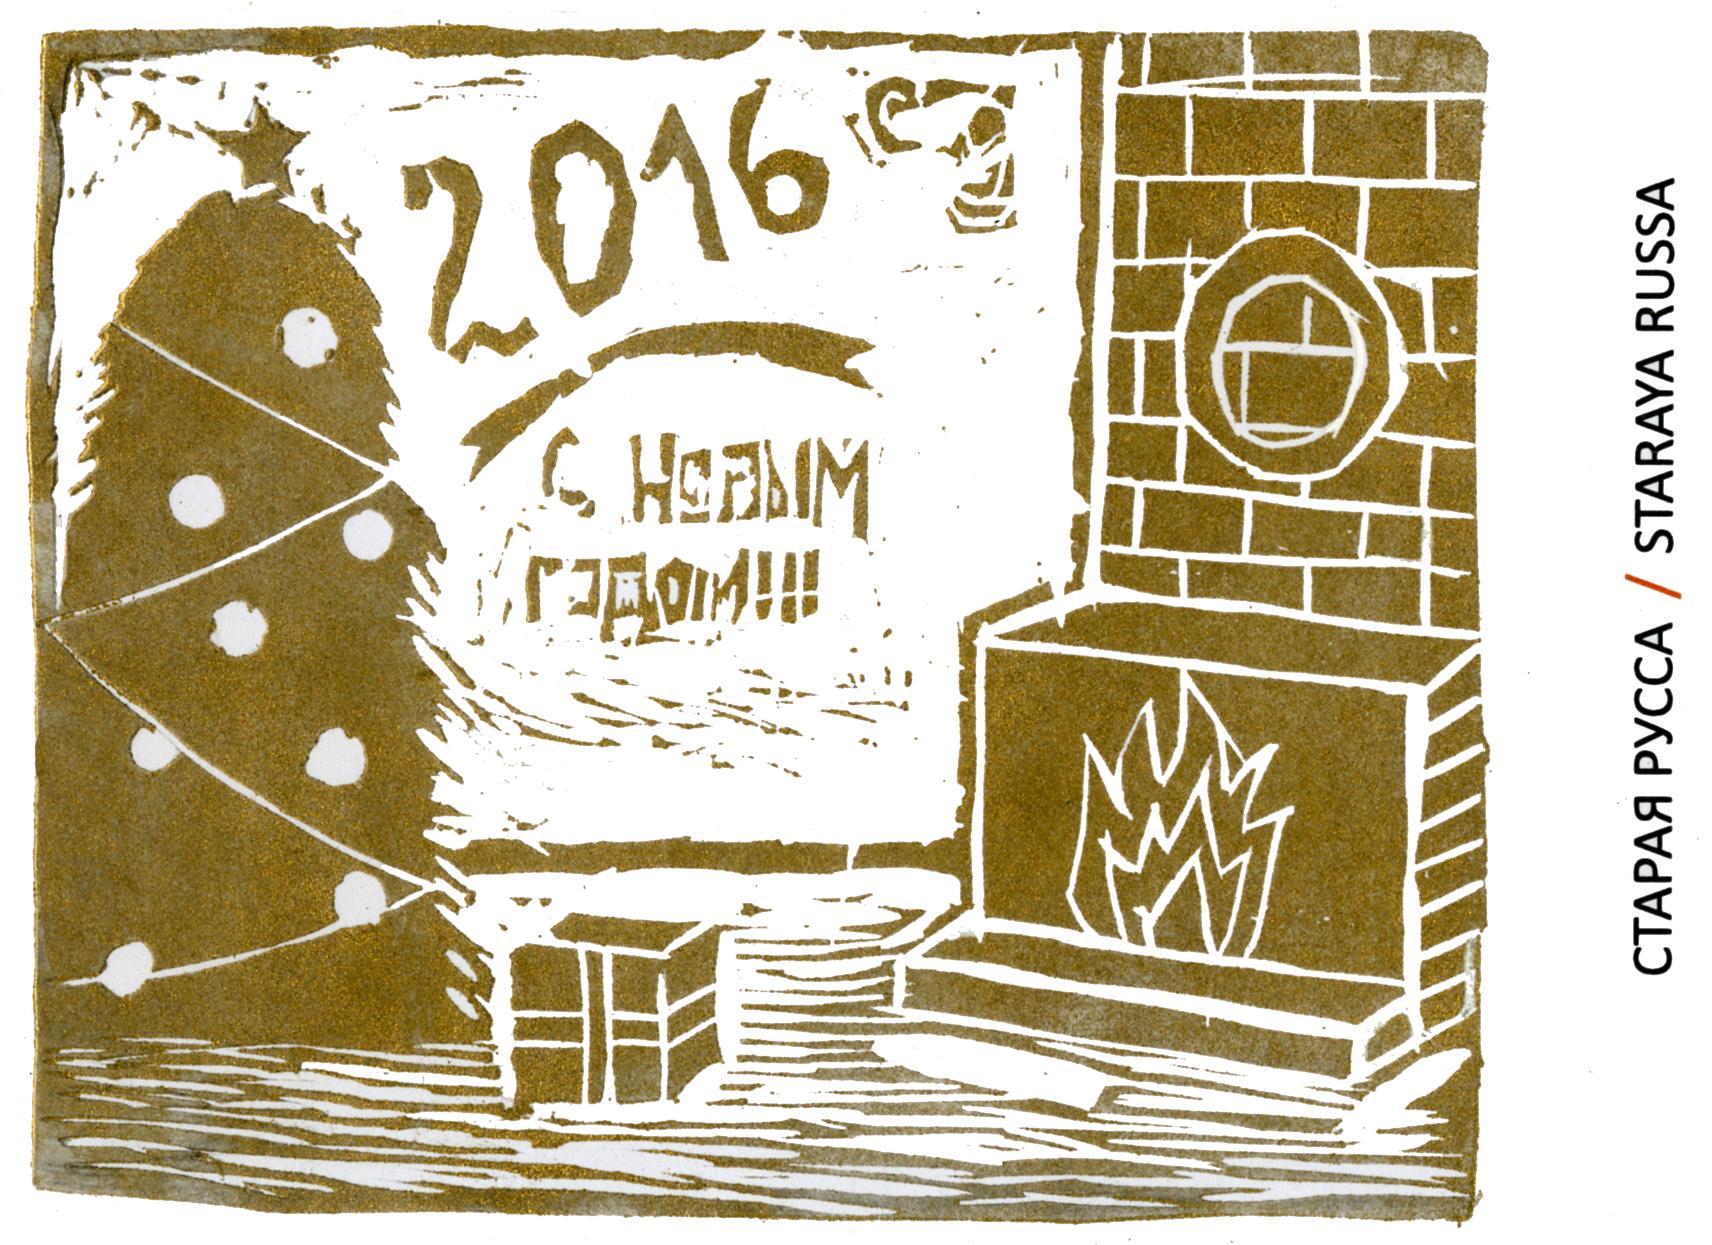 Ульяна Иванова, 12 лет, г. Старая Русса. Линогравюра/Новогодняя открытка